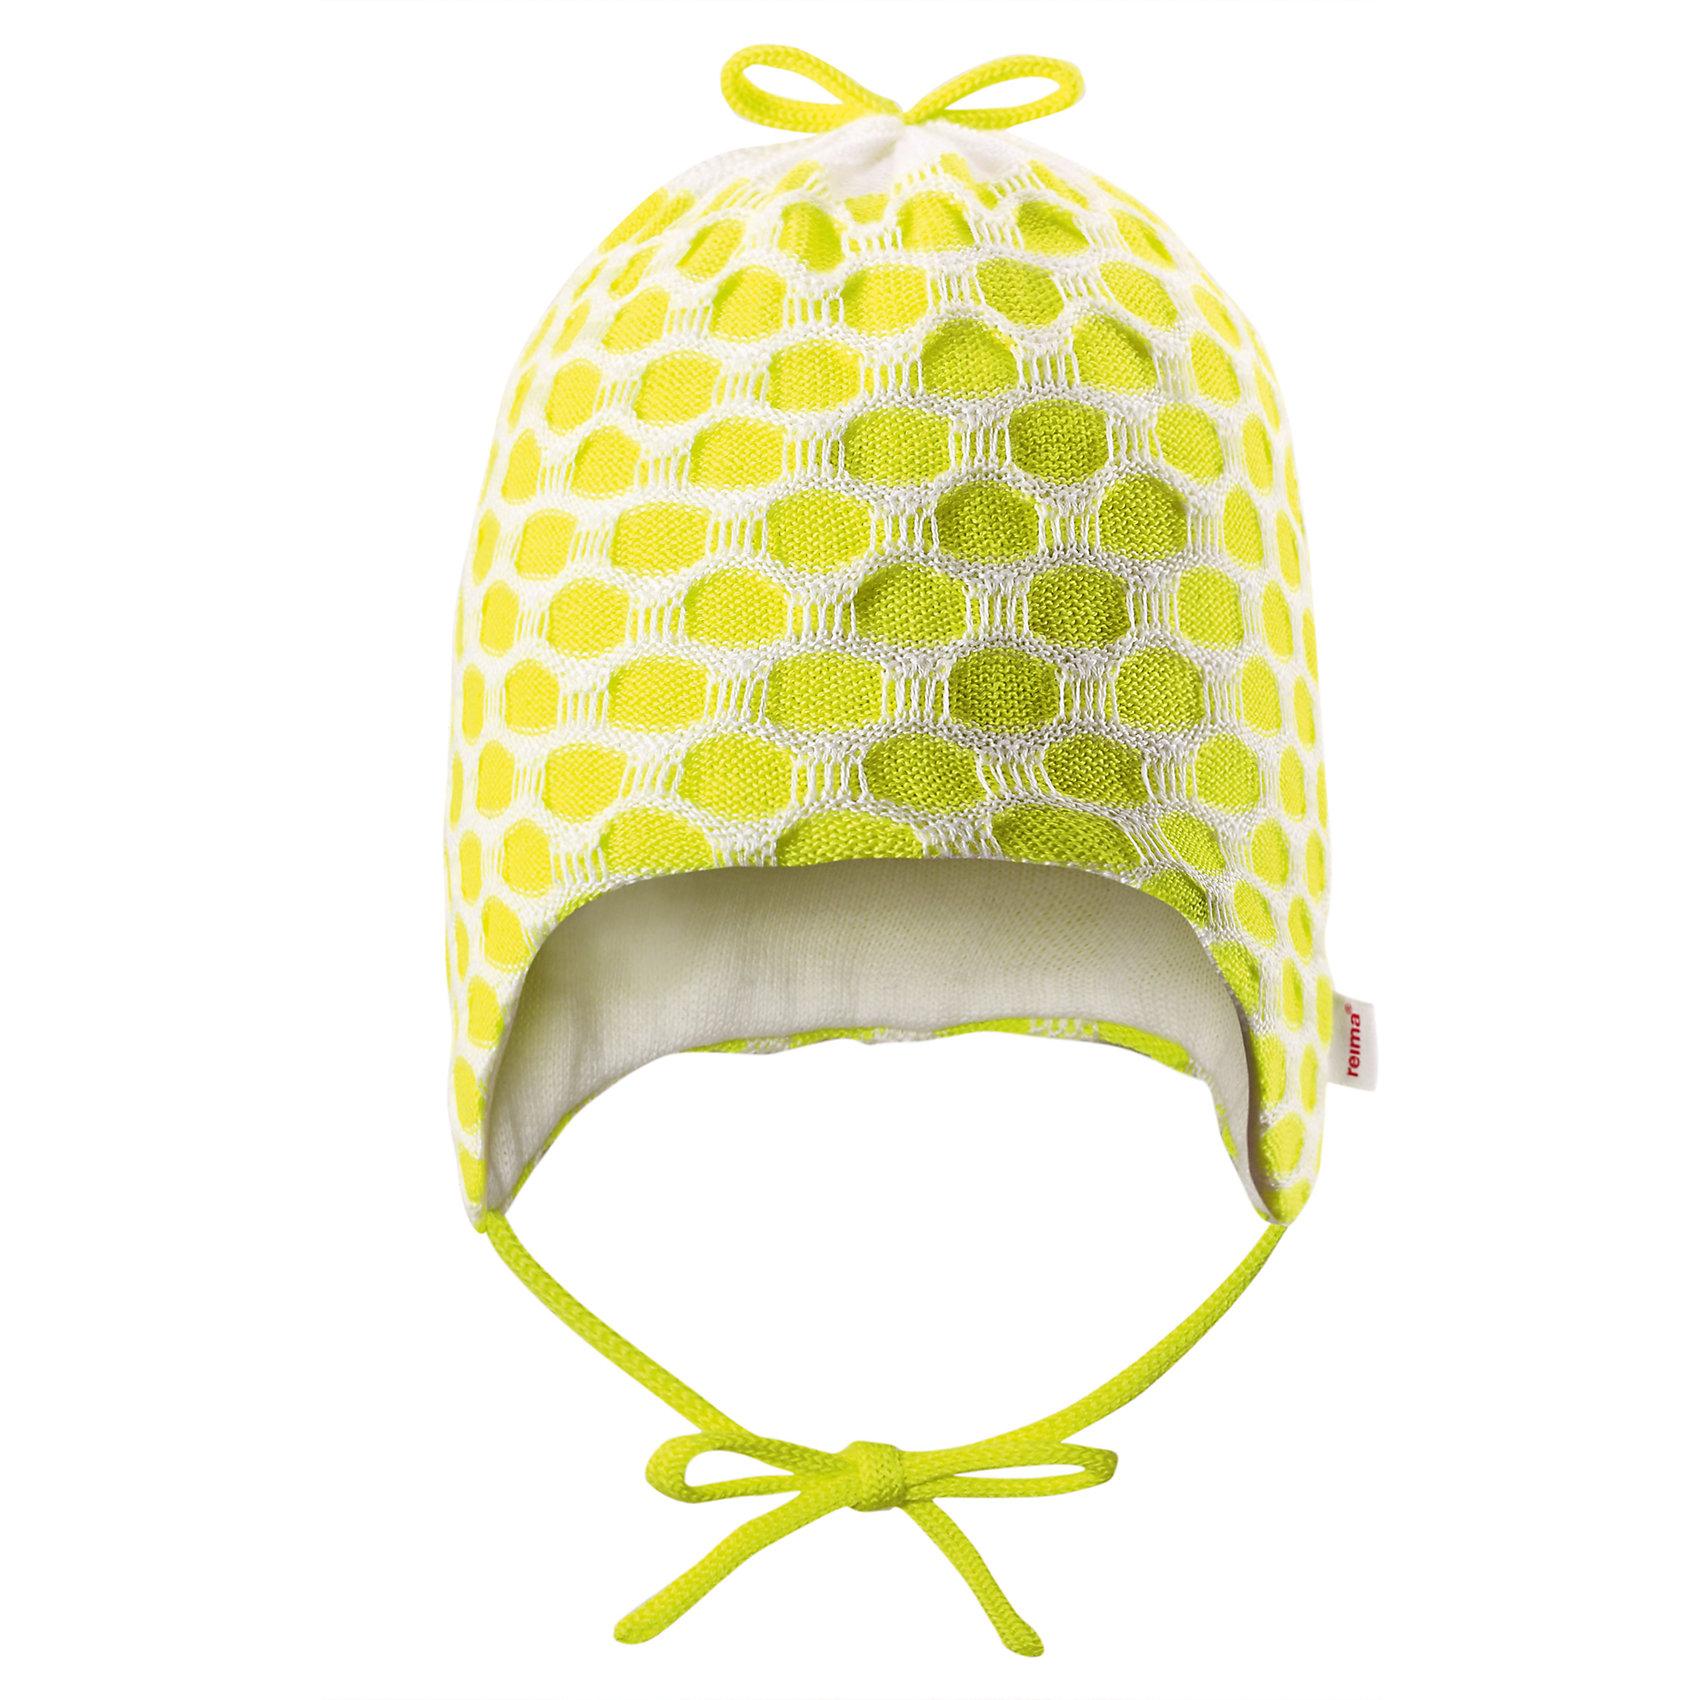 Шапка для девочки ReimaСтильная модель для чудесных весенних дней. Эта уютная и мягкая шапочка из хлопка идеально подходит для новорожденных малышей. Она изготовлена из дышащего материала и подойдет как для дома, так и для улицы. Забавный вязаный узор создает классный образ.<br><br>Дополнительная информация:<br><br>Шапка «Бини» для самых маленьких<br>Смесь экологичного волокна Tencel® и органического хлопка<br>Сплошная подкладка: хлопчатобумажная ткань<br>Милый вязаный узор<br>Состав:<br>50% Лиоцелл 50% ХЛ<br>Уход:<br>Стирать с бельем одинакового цвета, вывернув наизнанку. Стирать моющим средством, не содержащим отбеливающие вещества. Придать первоначальную форму вo влажном виде.<br><br>Ширина мм: 89<br>Глубина мм: 117<br>Высота мм: 44<br>Вес г: 155<br>Цвет: желтый<br>Возраст от месяцев: 1<br>Возраст до месяцев: 3<br>Пол: Женский<br>Возраст: Детский<br>Размер: 36-38,44-46,40-42<br>SKU: 4498313